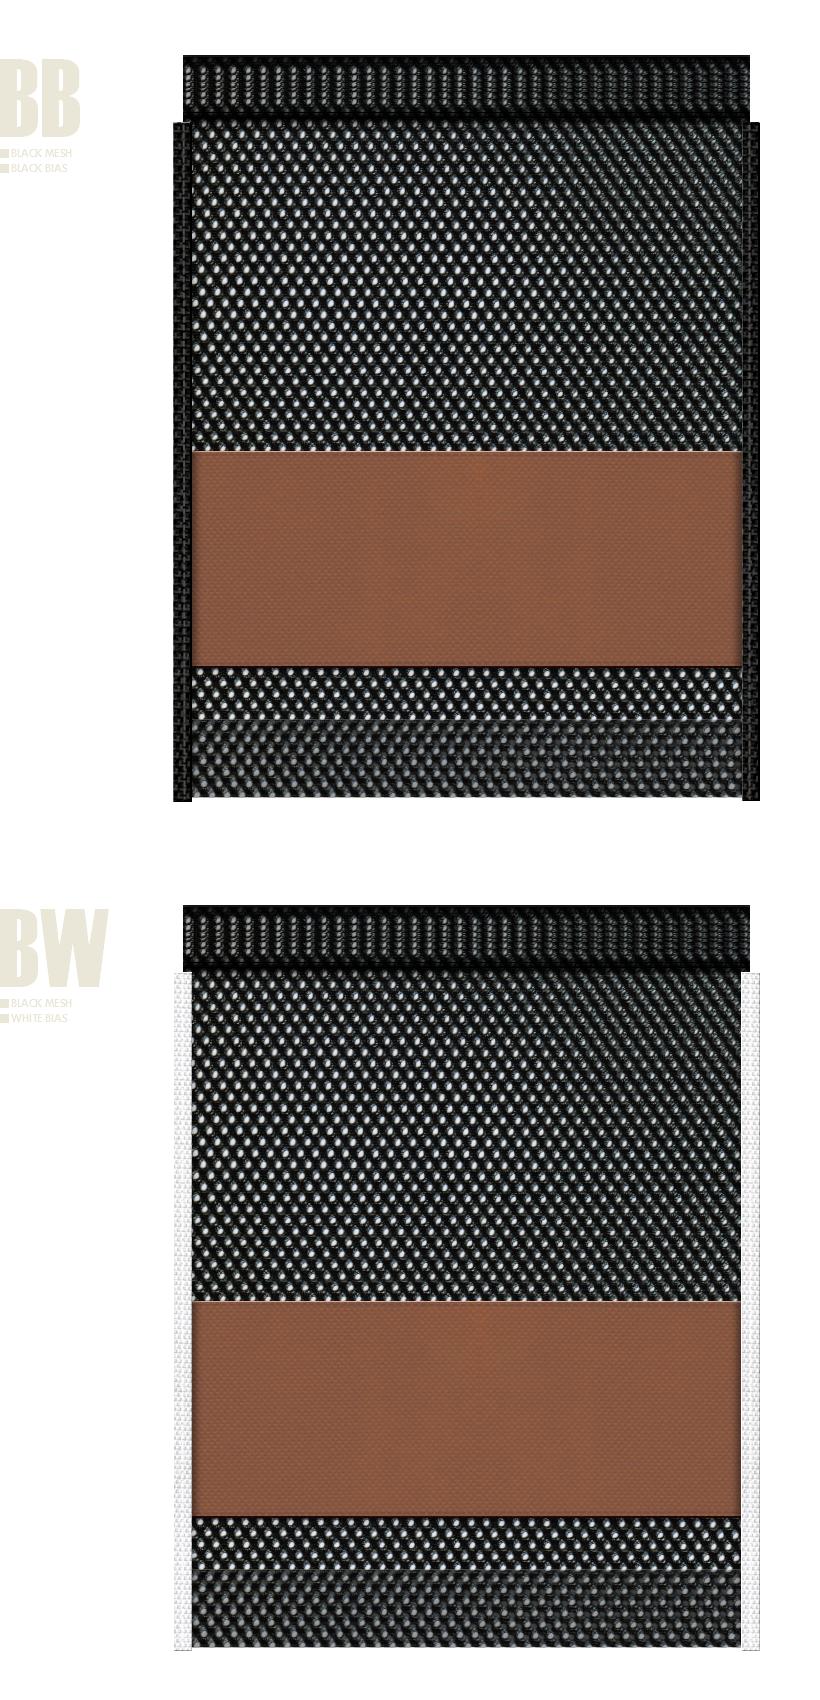 黒色メッシュと茶色不織布のメッシュバッグカラーシミュレーション:キャンプ用品・アウトドア用品・スポーツ用品・シューズバッグにお奨め